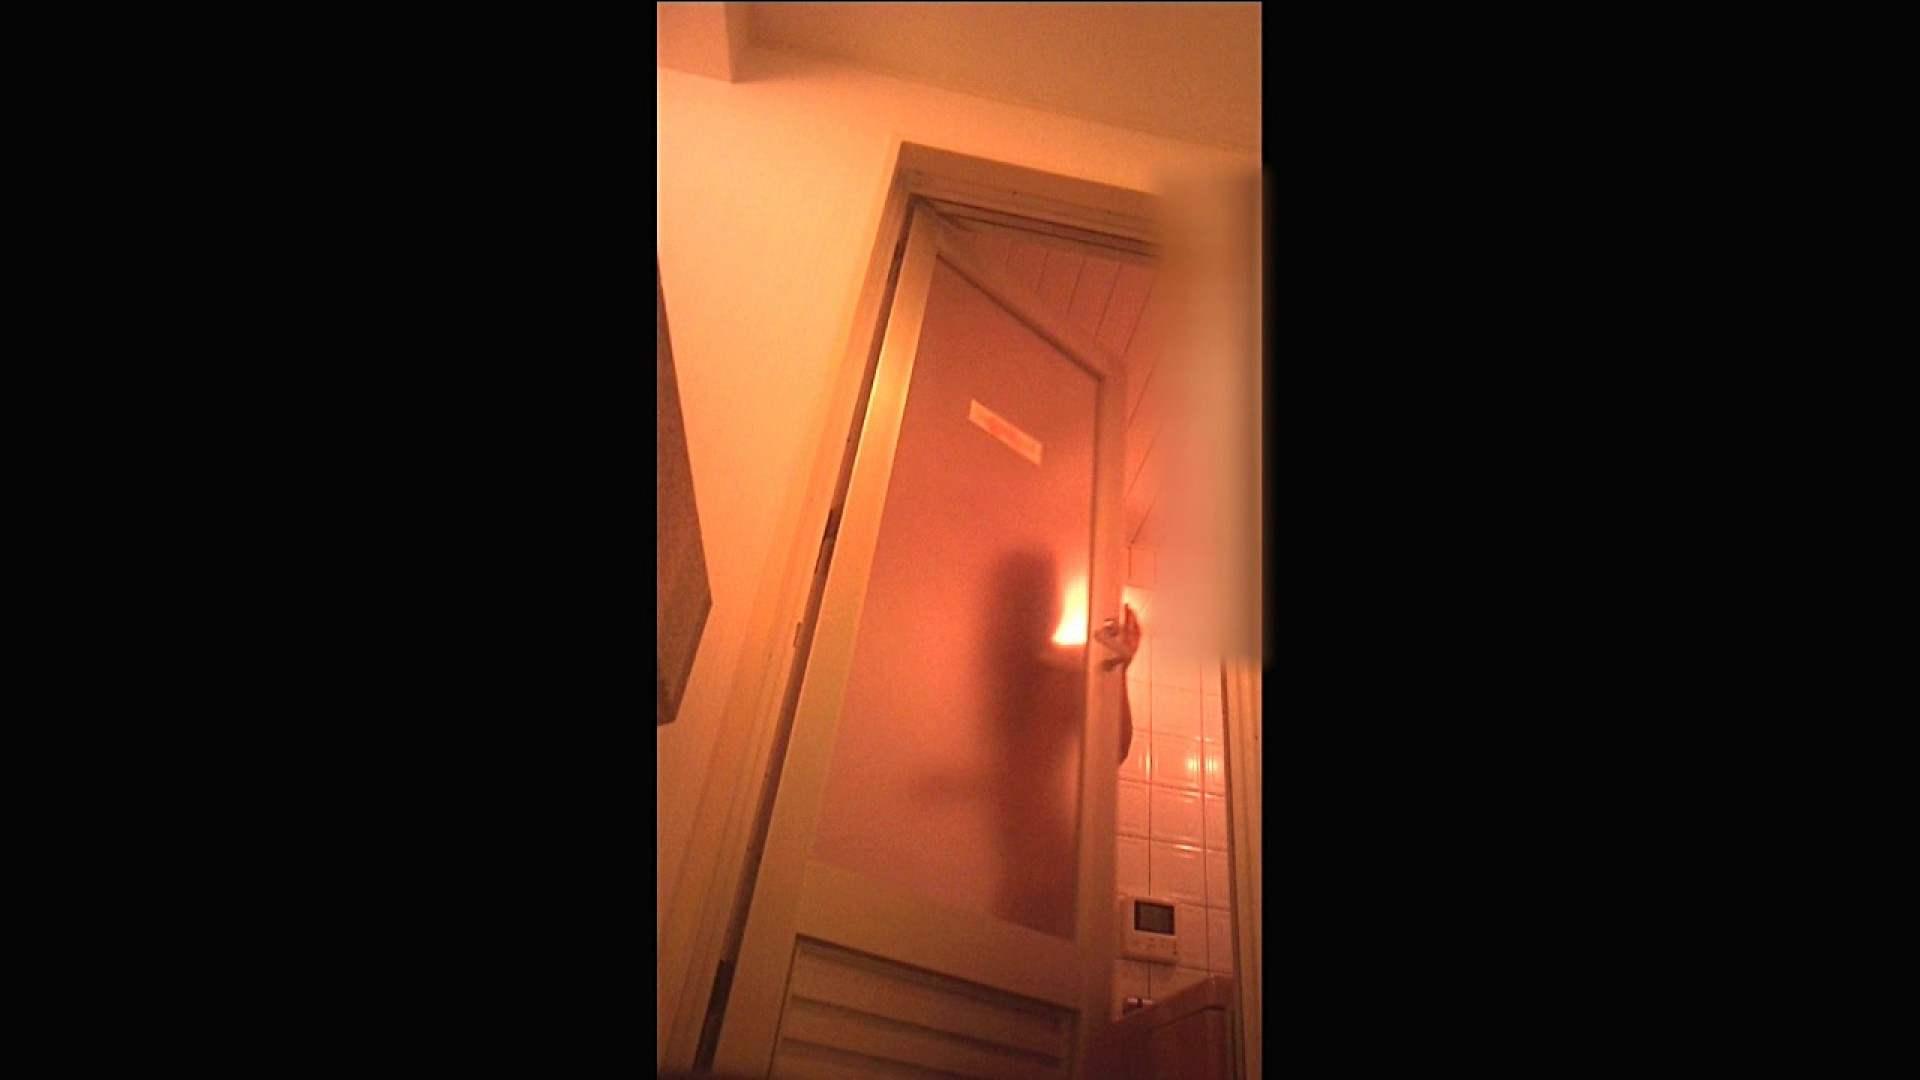 身長150センチ まりちゃん Vol.07 脱衣編 シャワー室 オマンコ動画キャプチャ 81画像 43